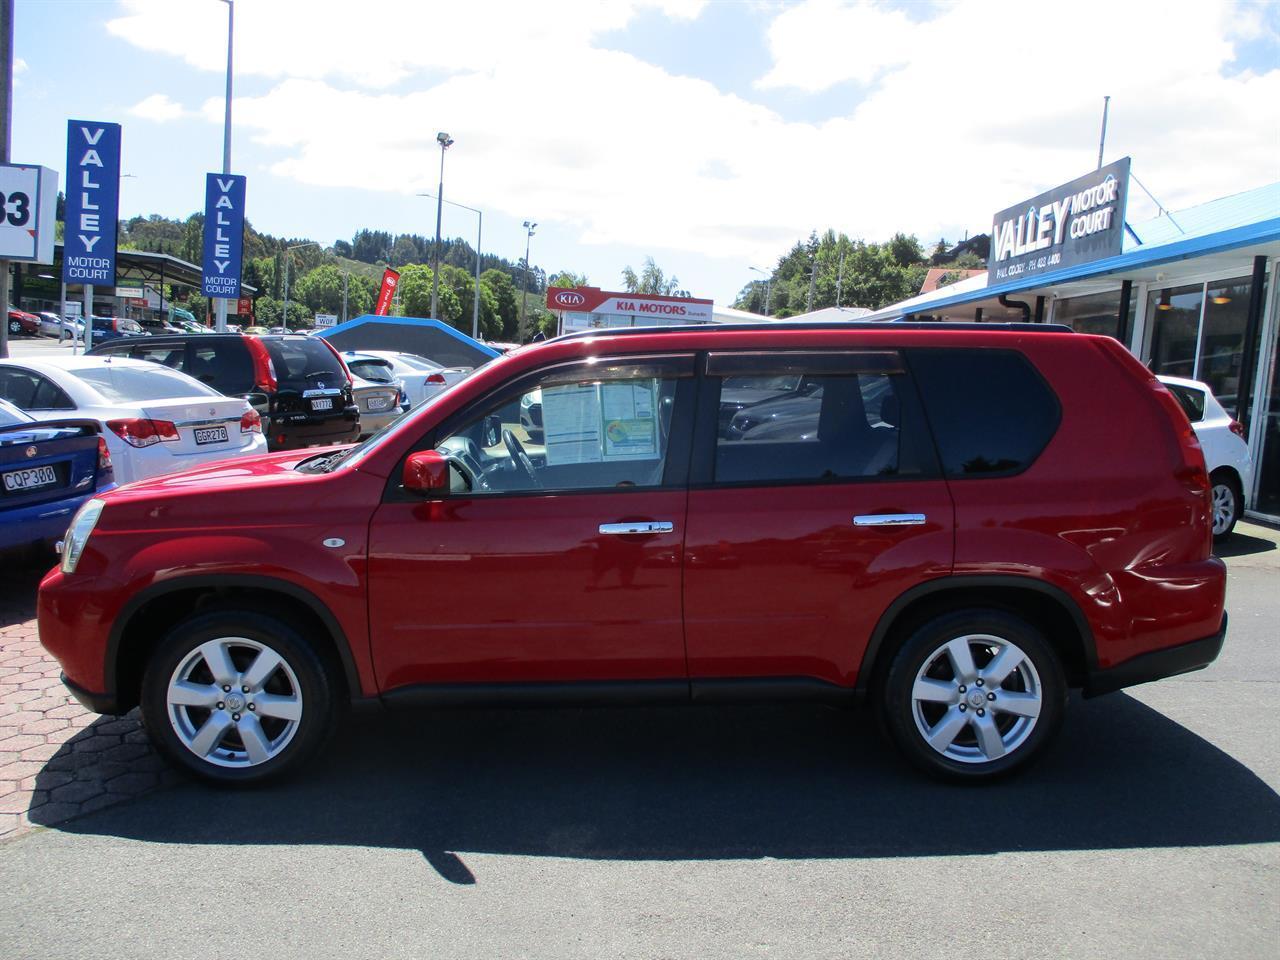 image-7, 2007 Nissan X-Trail 2.5 4x4 at Dunedin